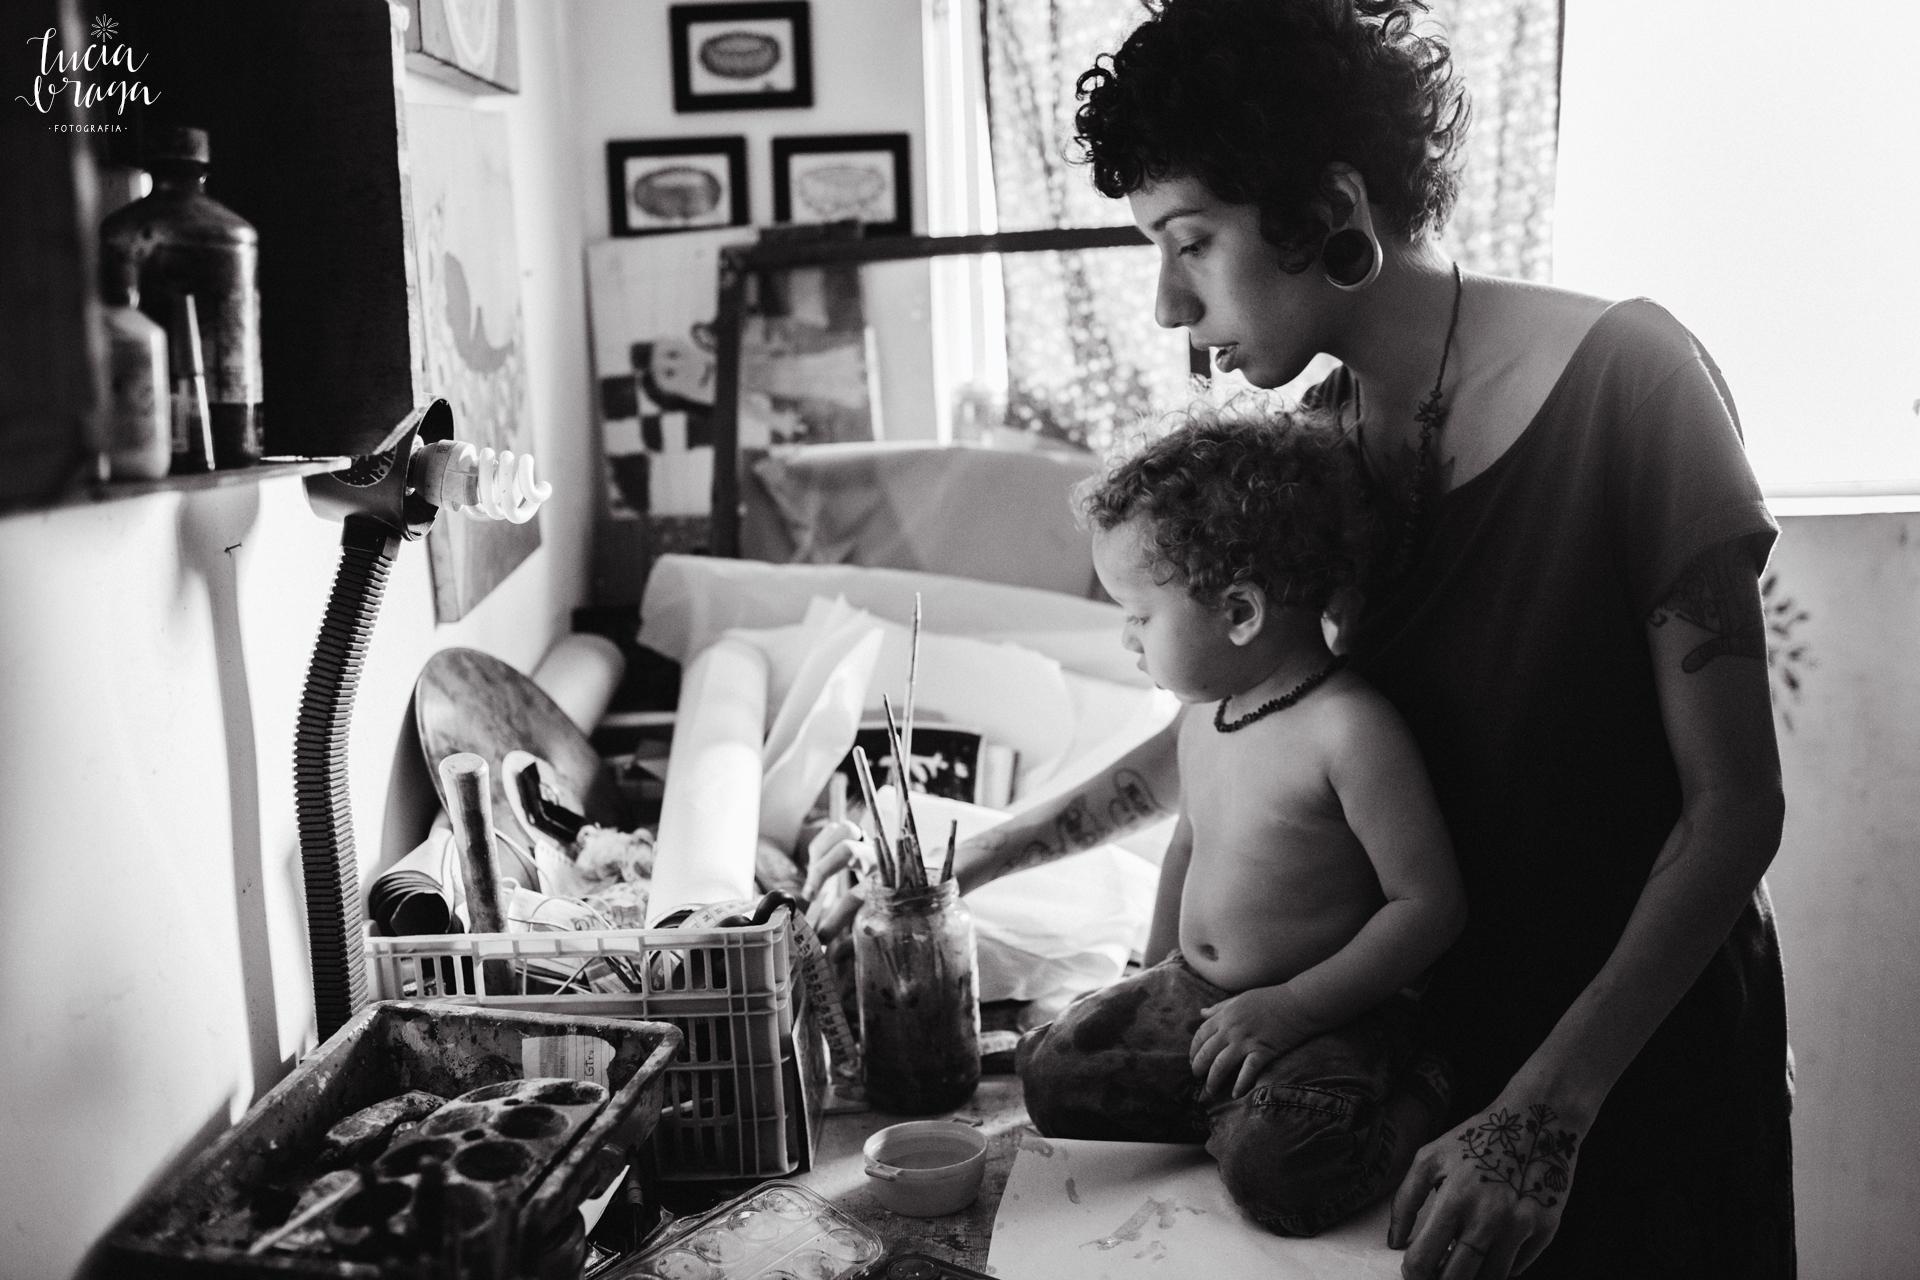 fotografia documental de familia, fotografo são paulo, fotografo minas gerais, fotografia de família, mãe e filho, real life, dia-a-dia, fotografo são paulo, mãe e filho